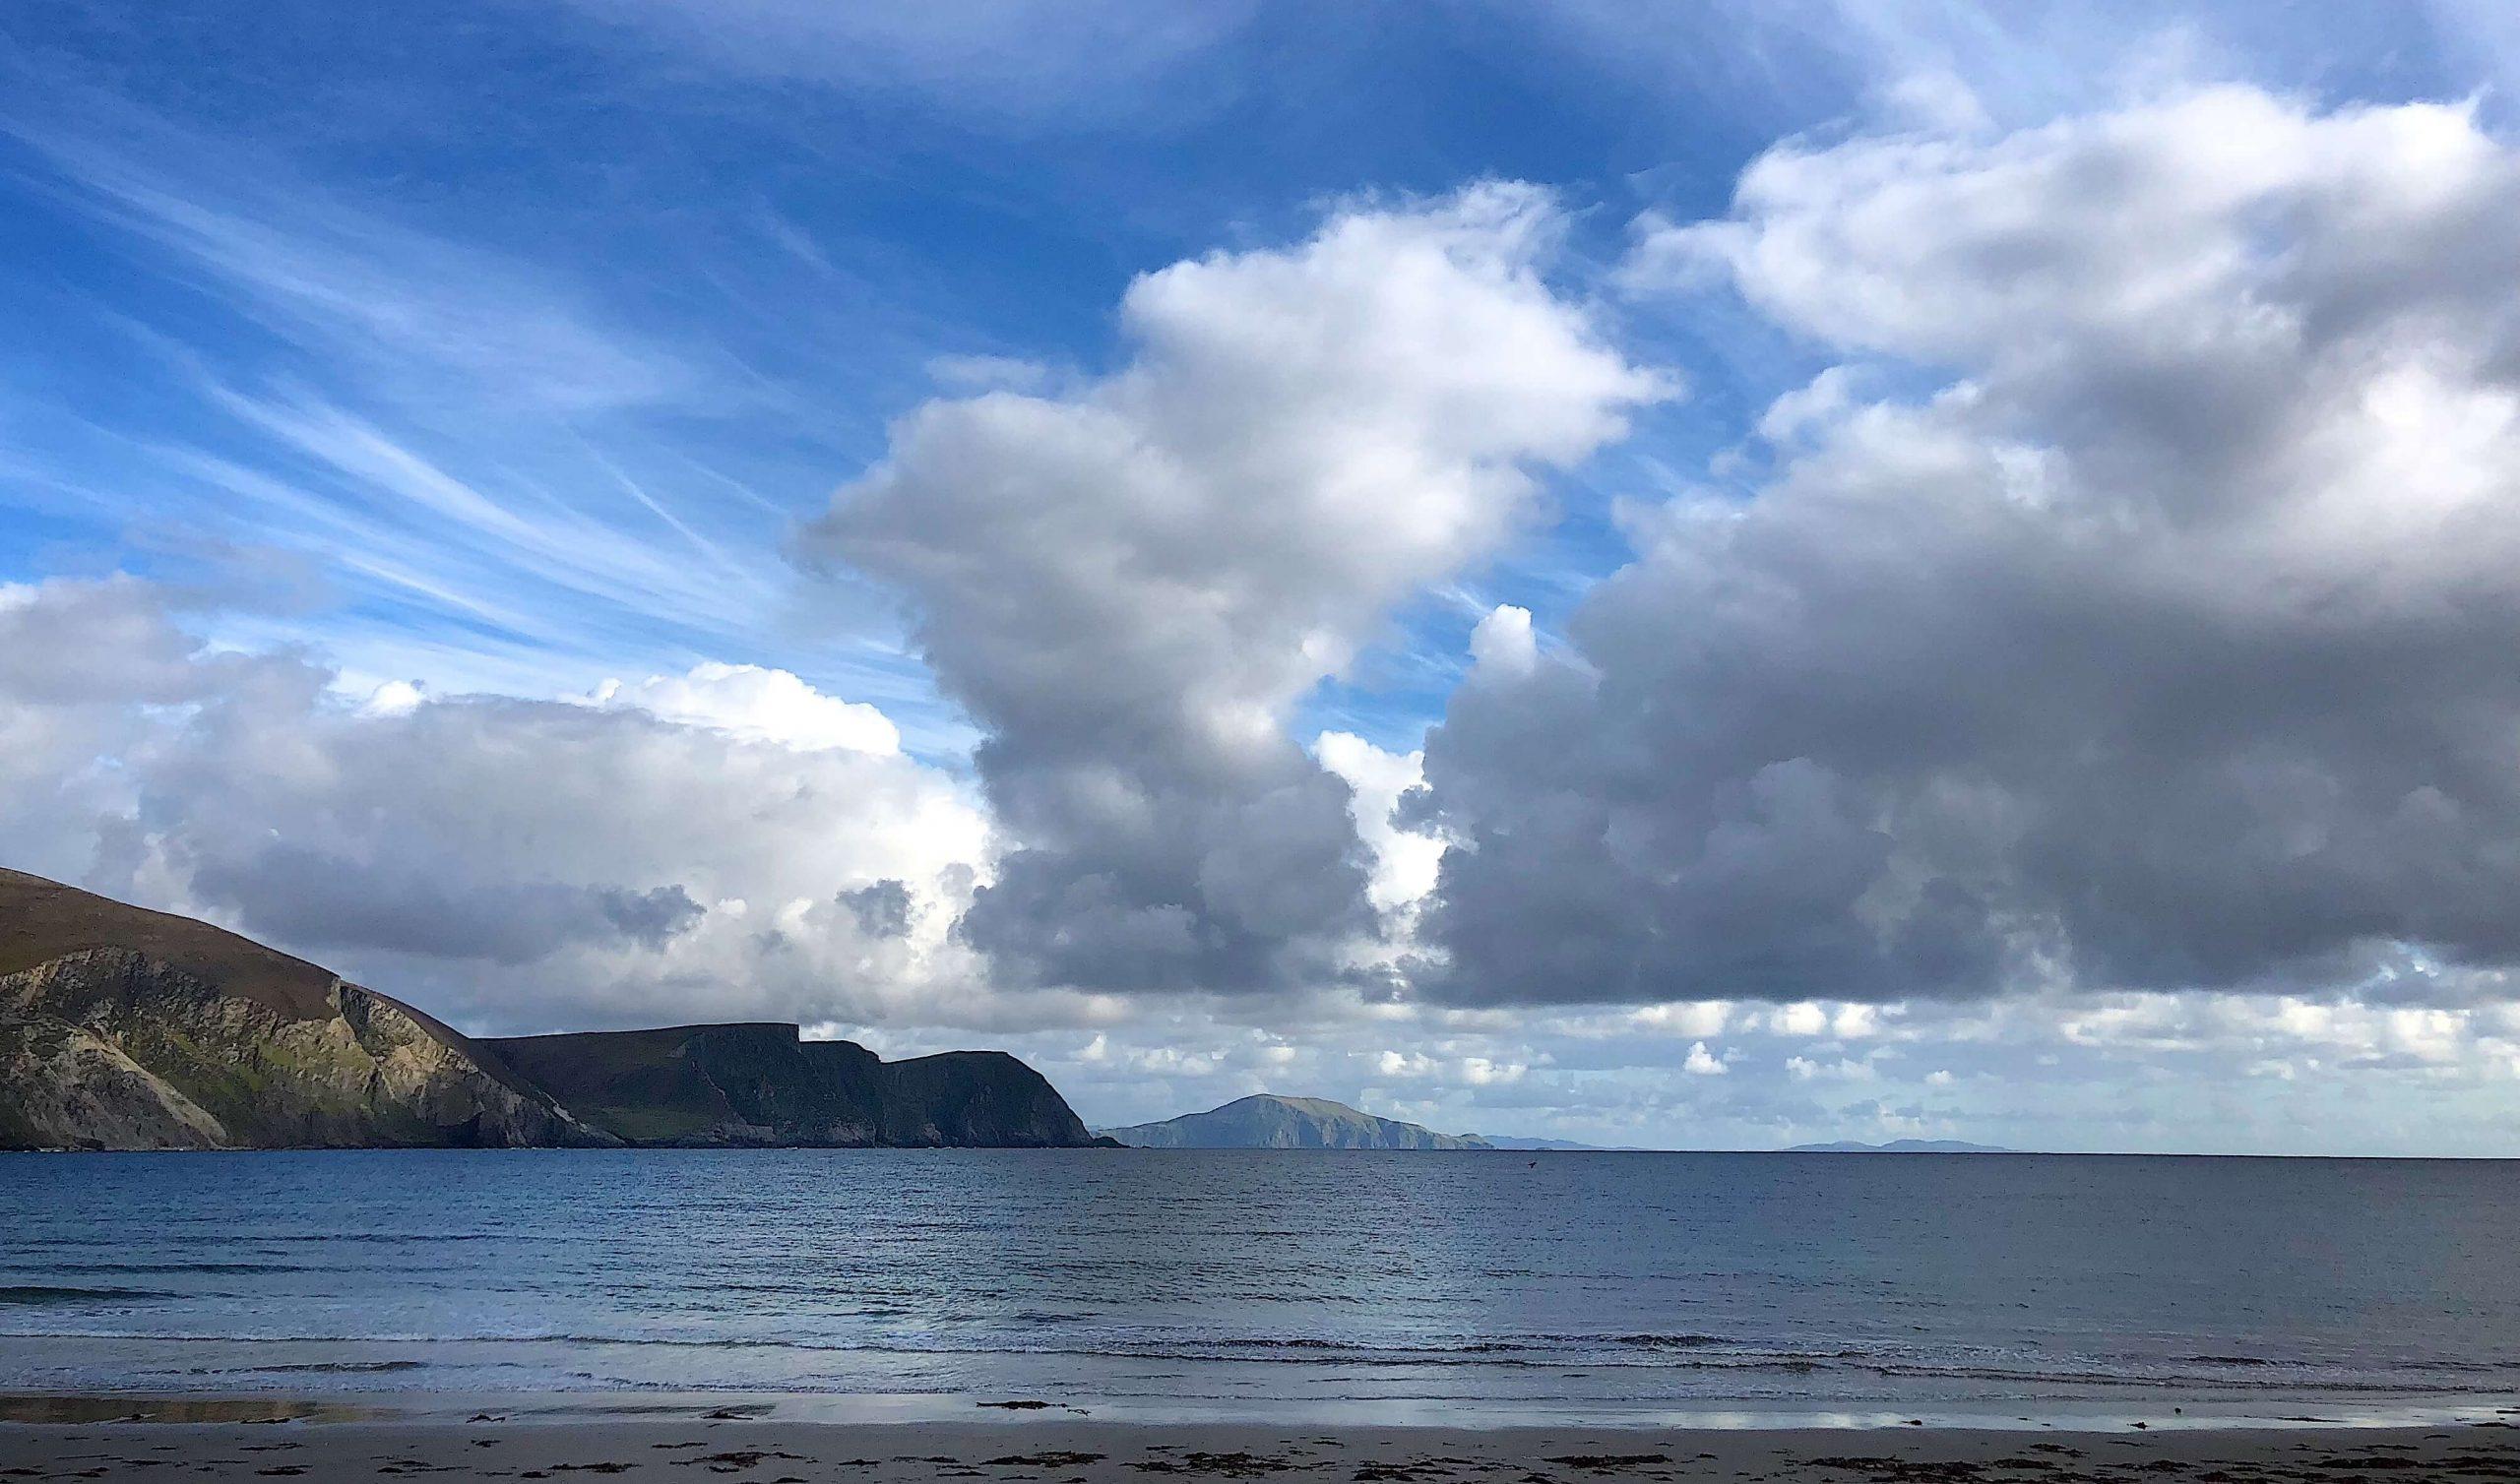 Clew Bay, Westport, County Mayo, Wild Atlantic Way Ireland